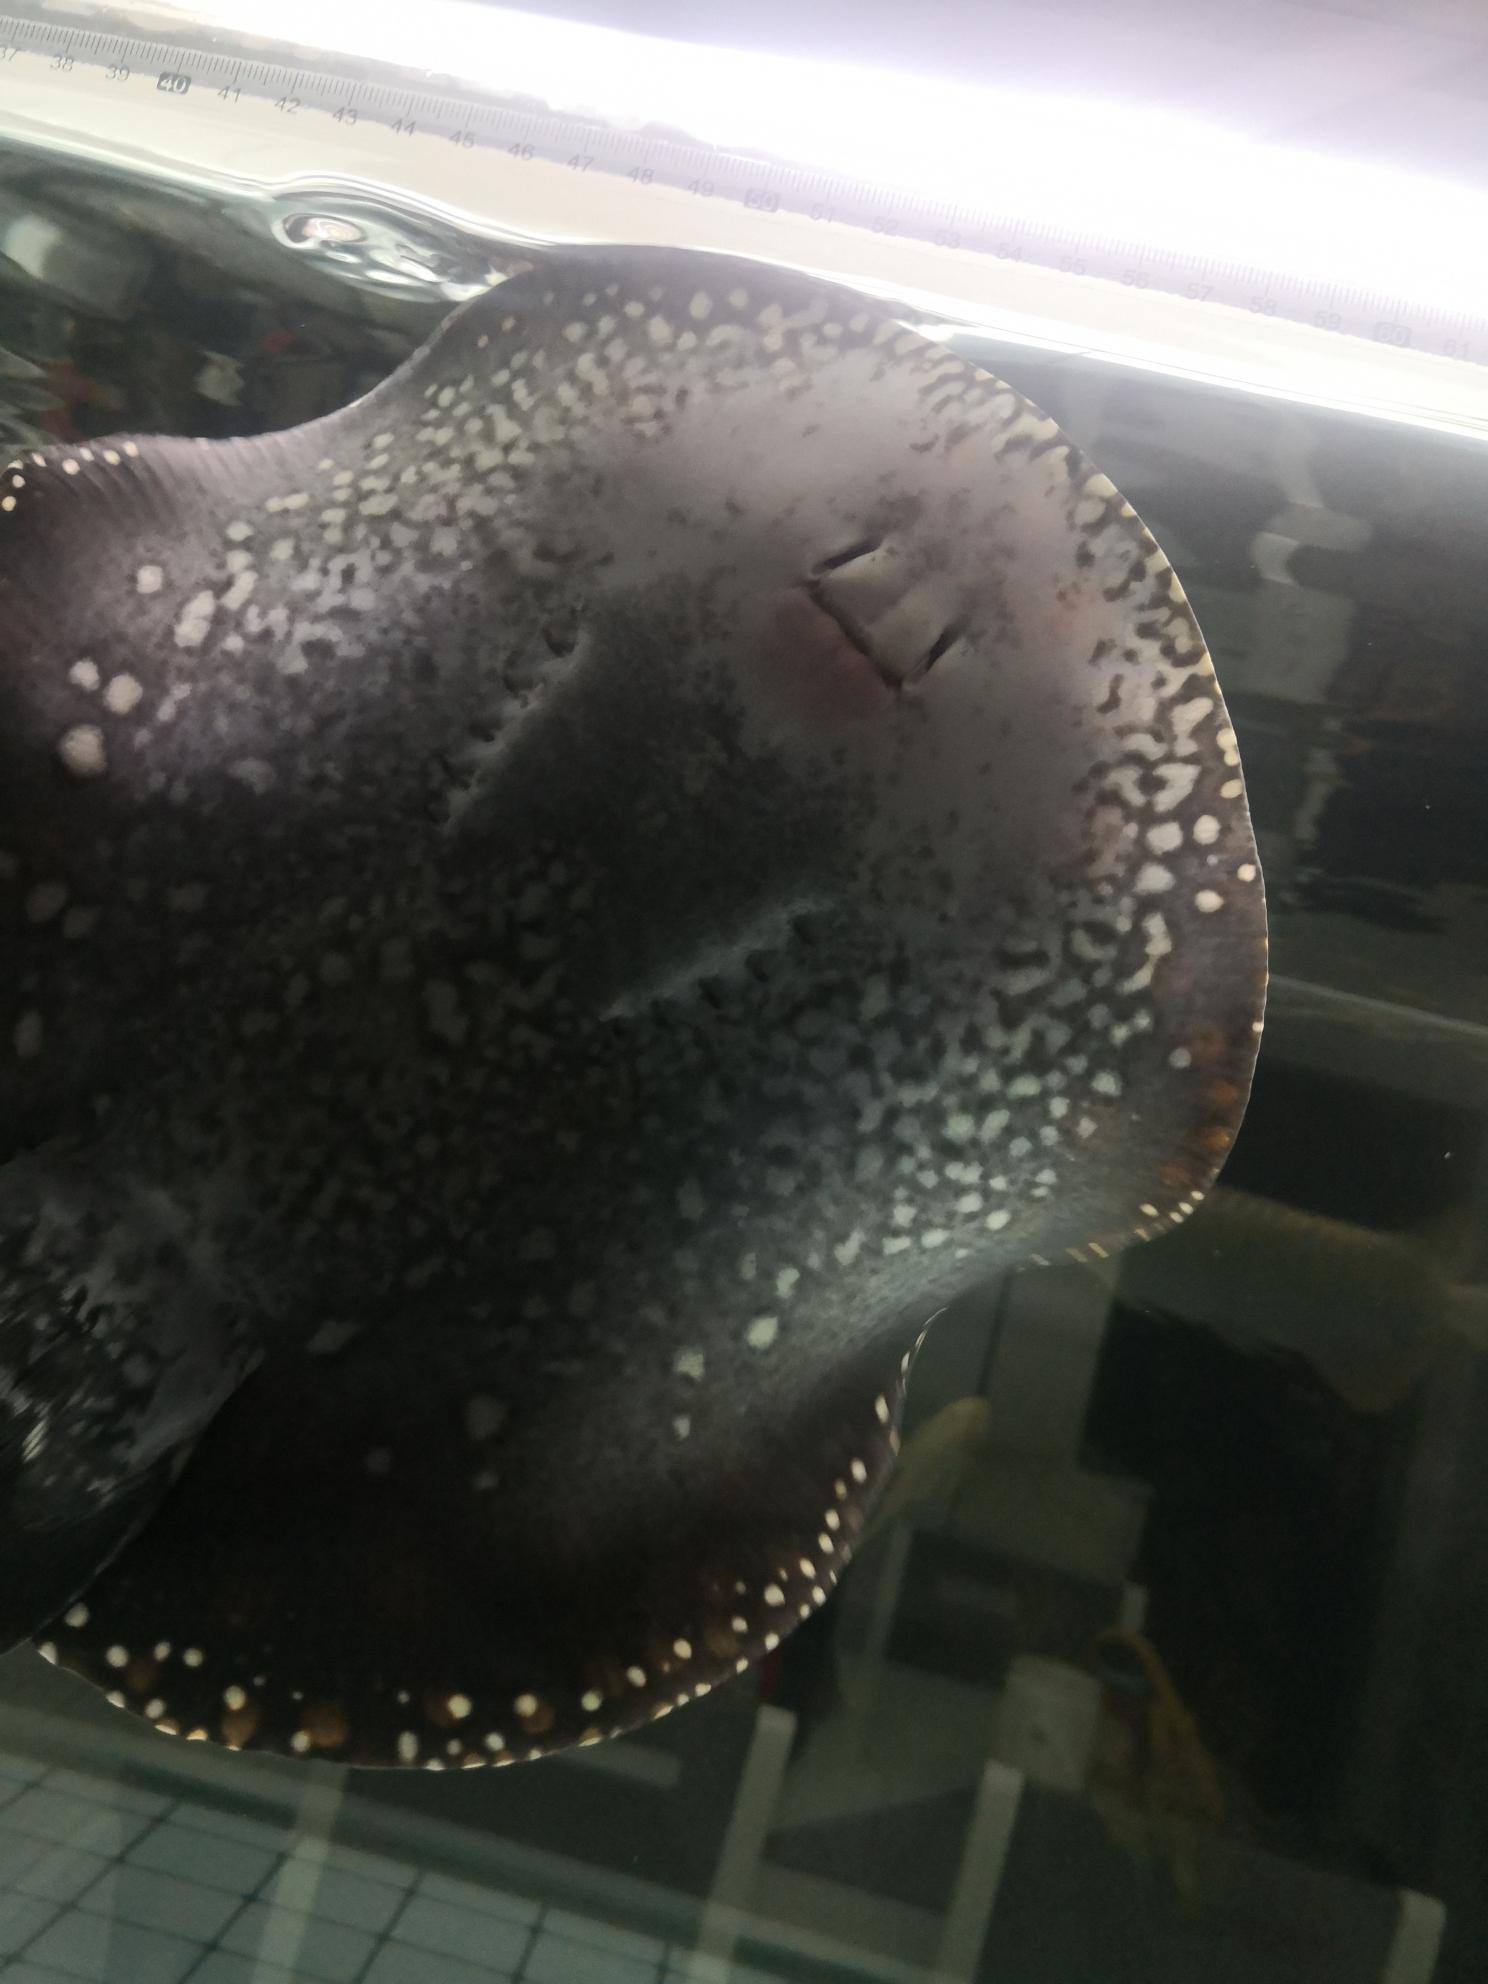 黑白魟鱼下嘴唇有点发红这样正常吗? 北京龙鱼论坛 北京龙鱼第1张